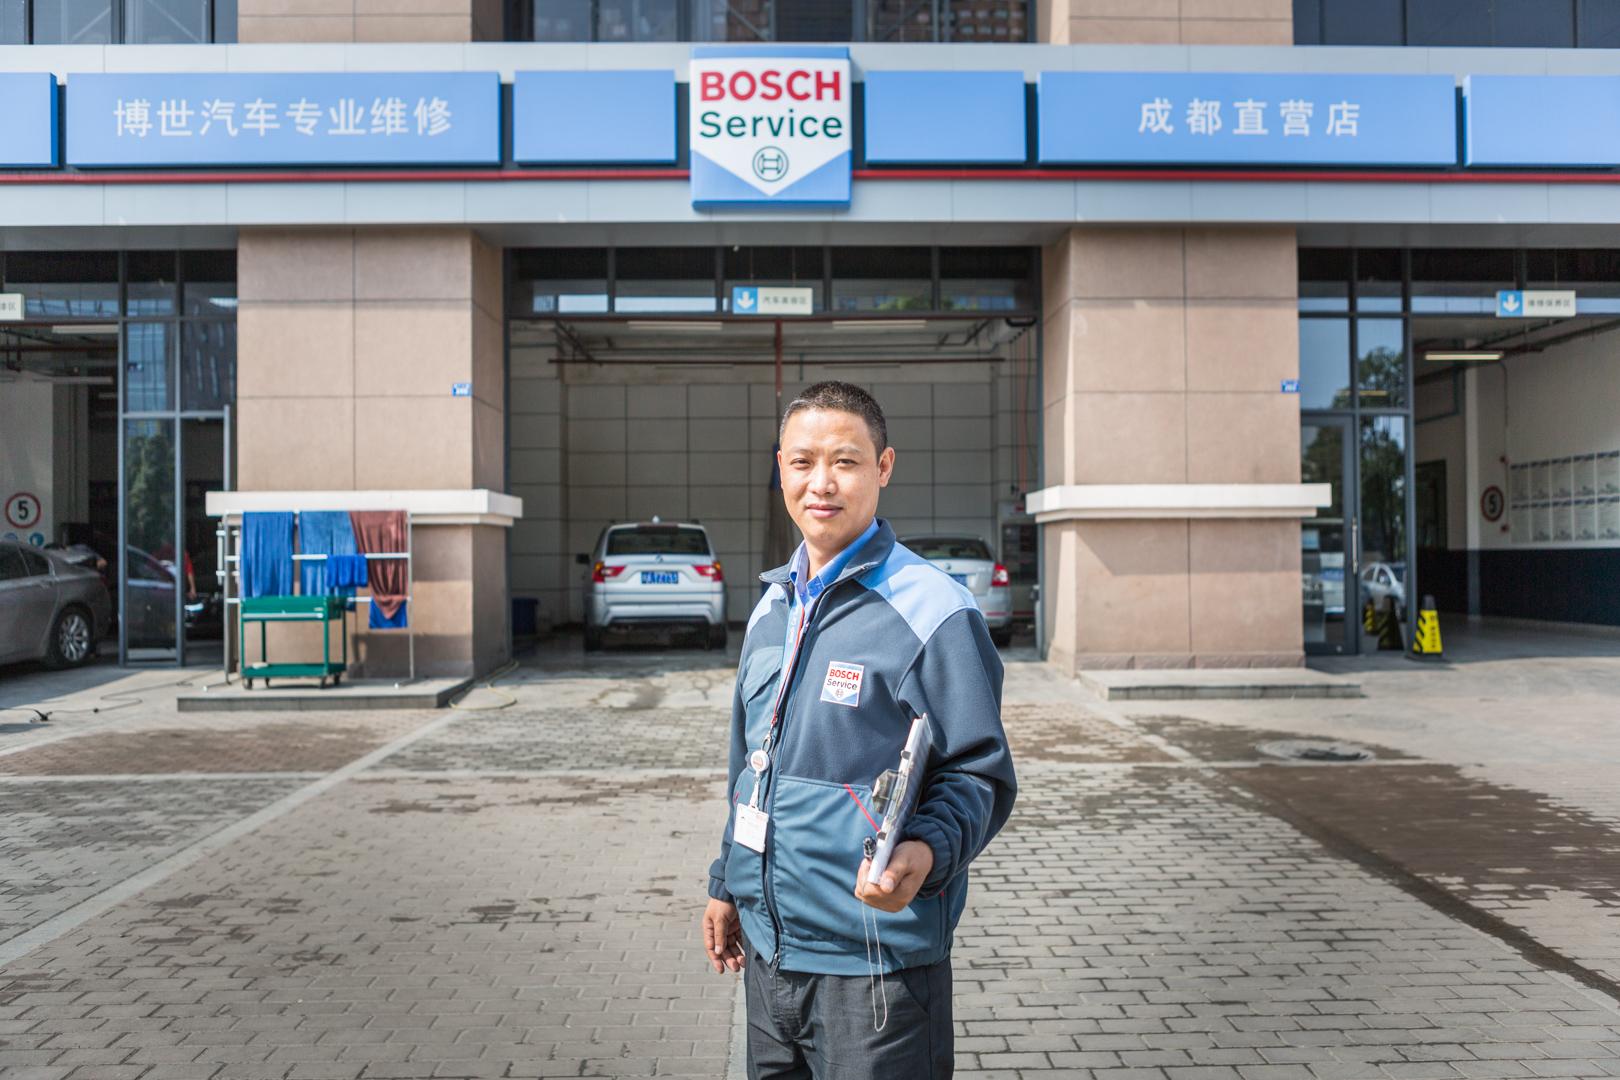 Werkstattleiter einer Bosch Auto-Werkstat in Chengdu China